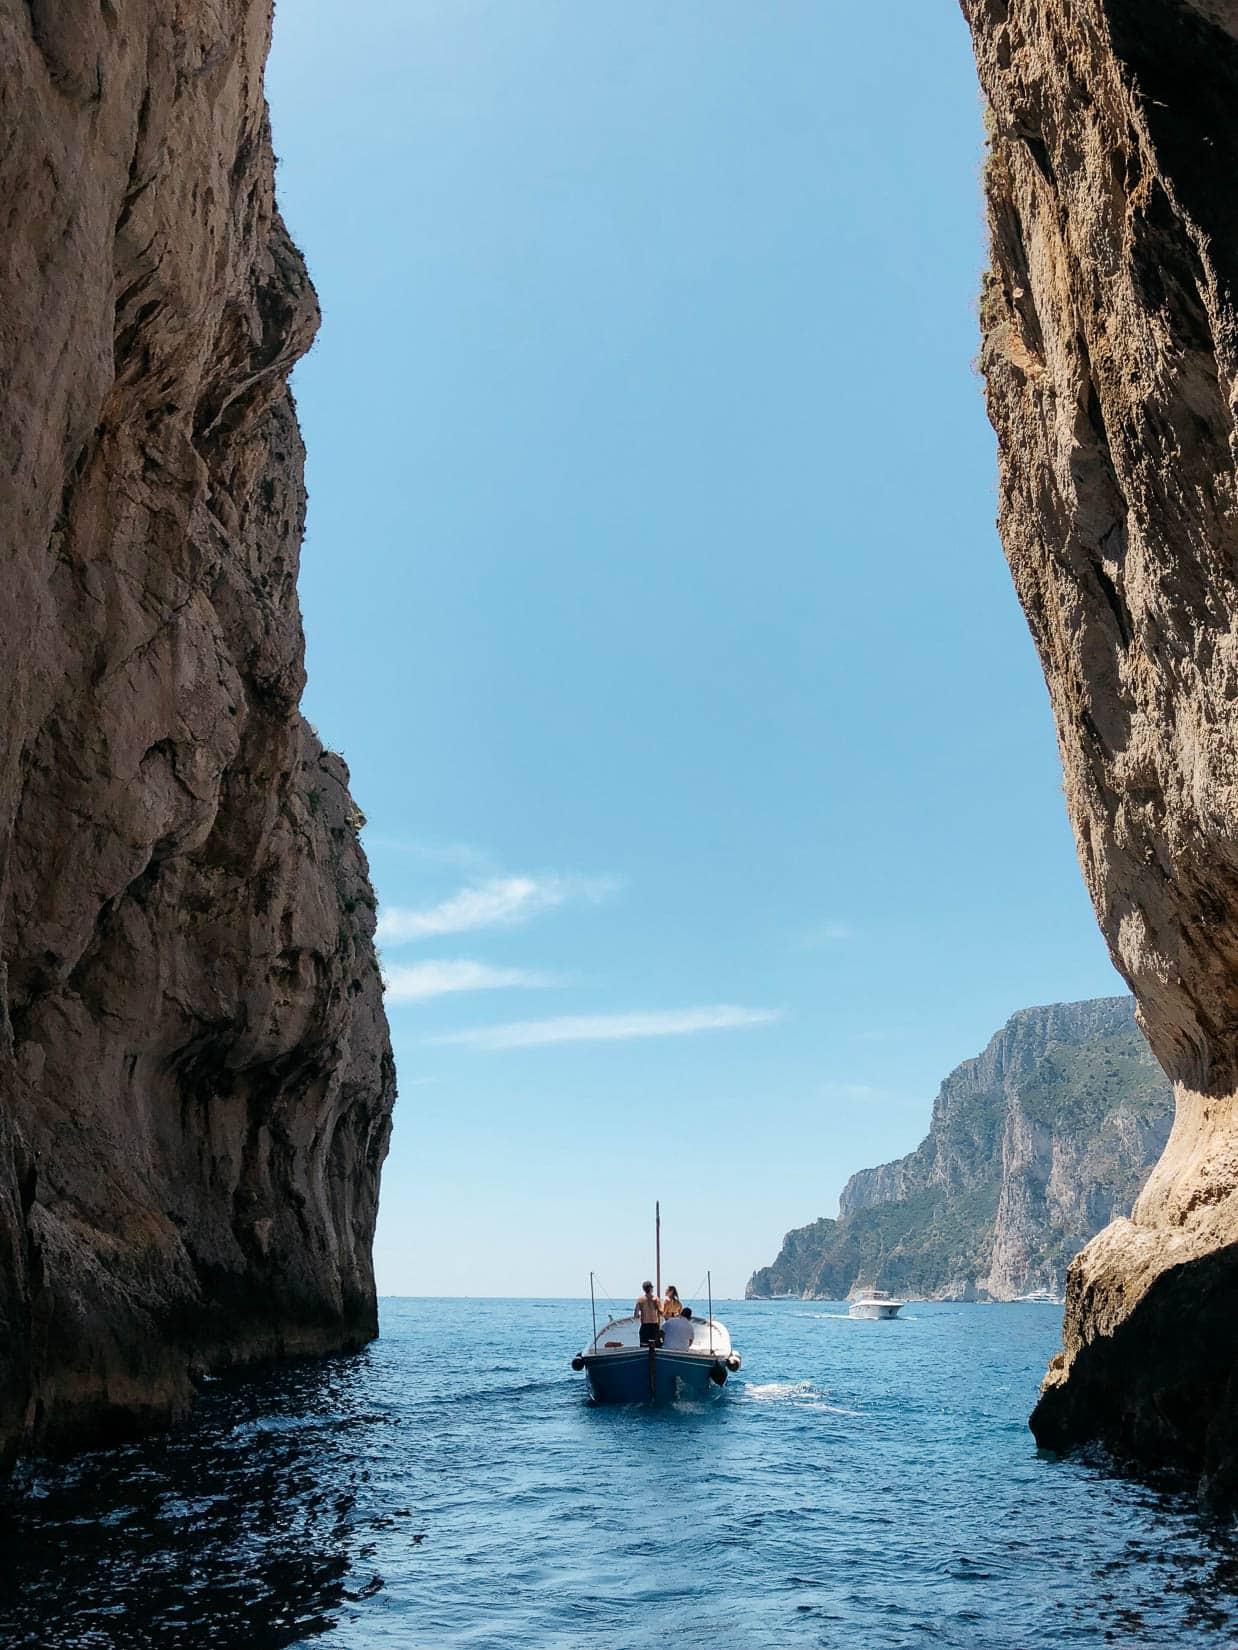 Capri by Sea